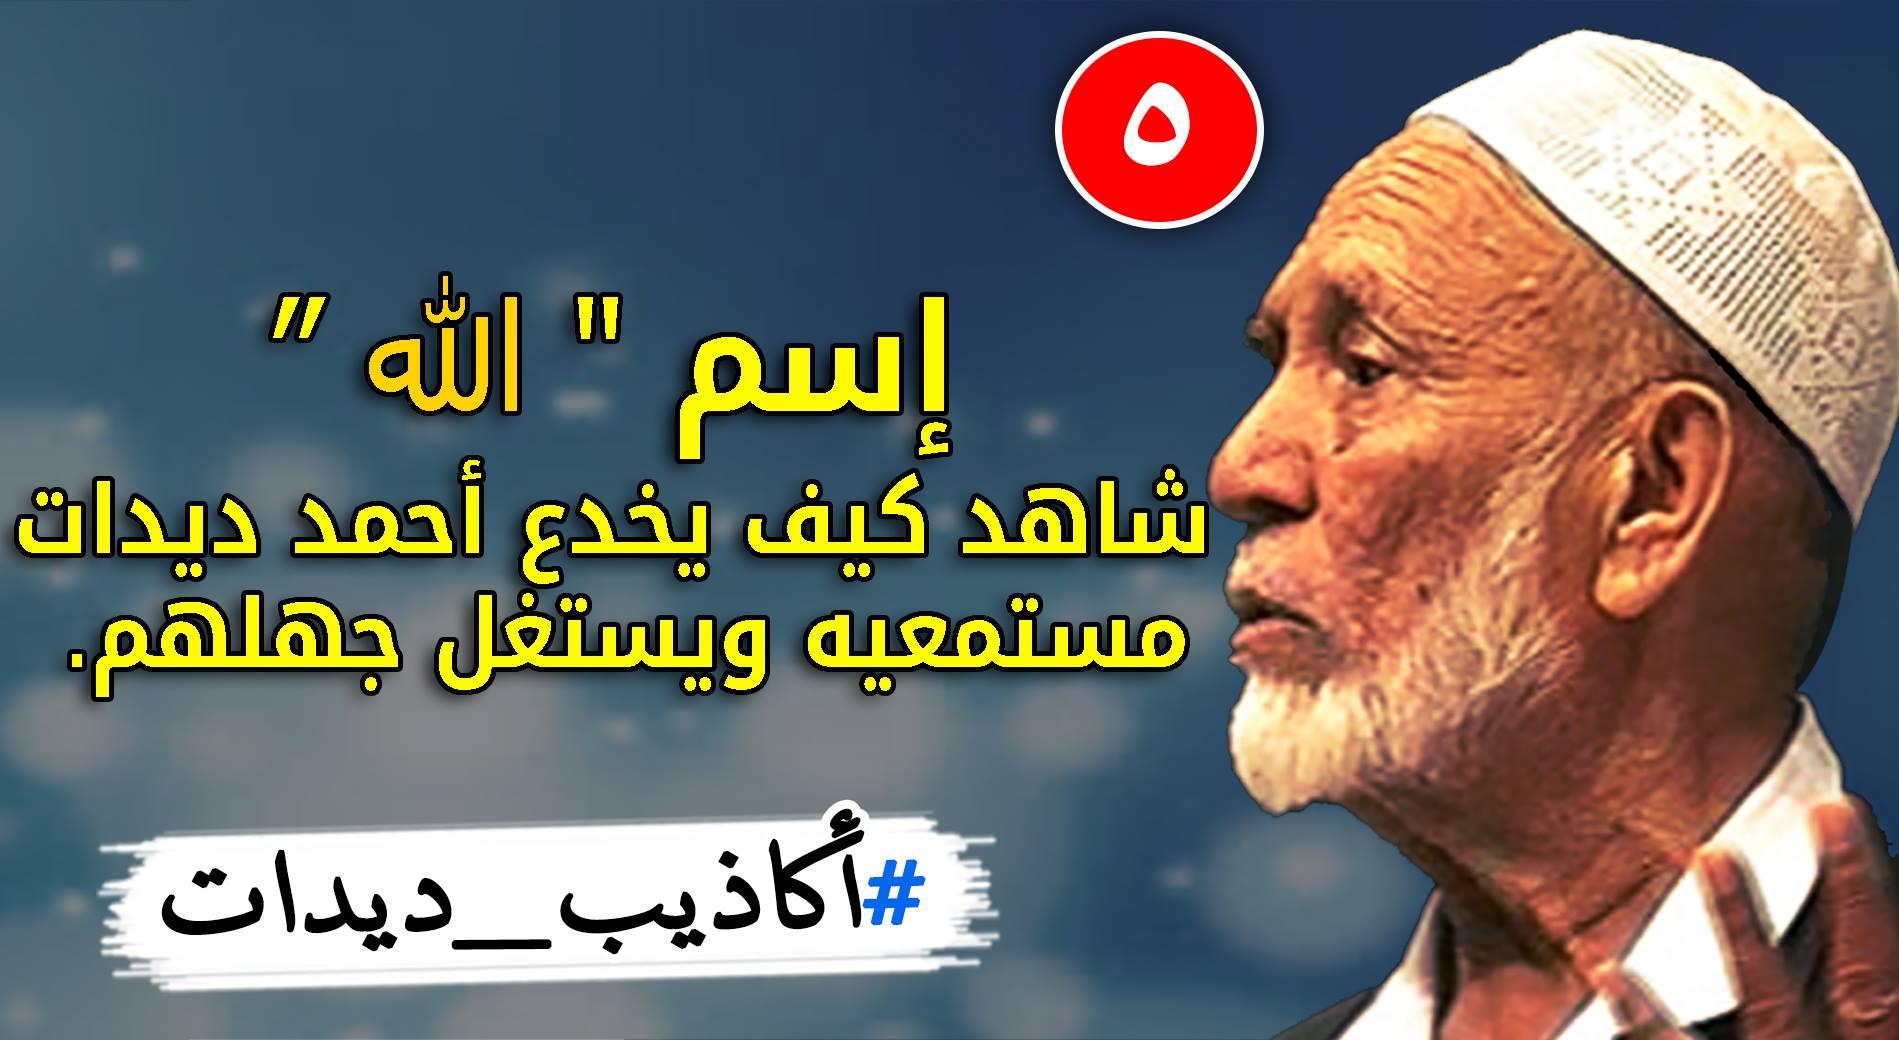 """إسم """"الله""""، شاهد كيف يخدع أحمد ديدات مستمعيه ويستغل جهلهم"""